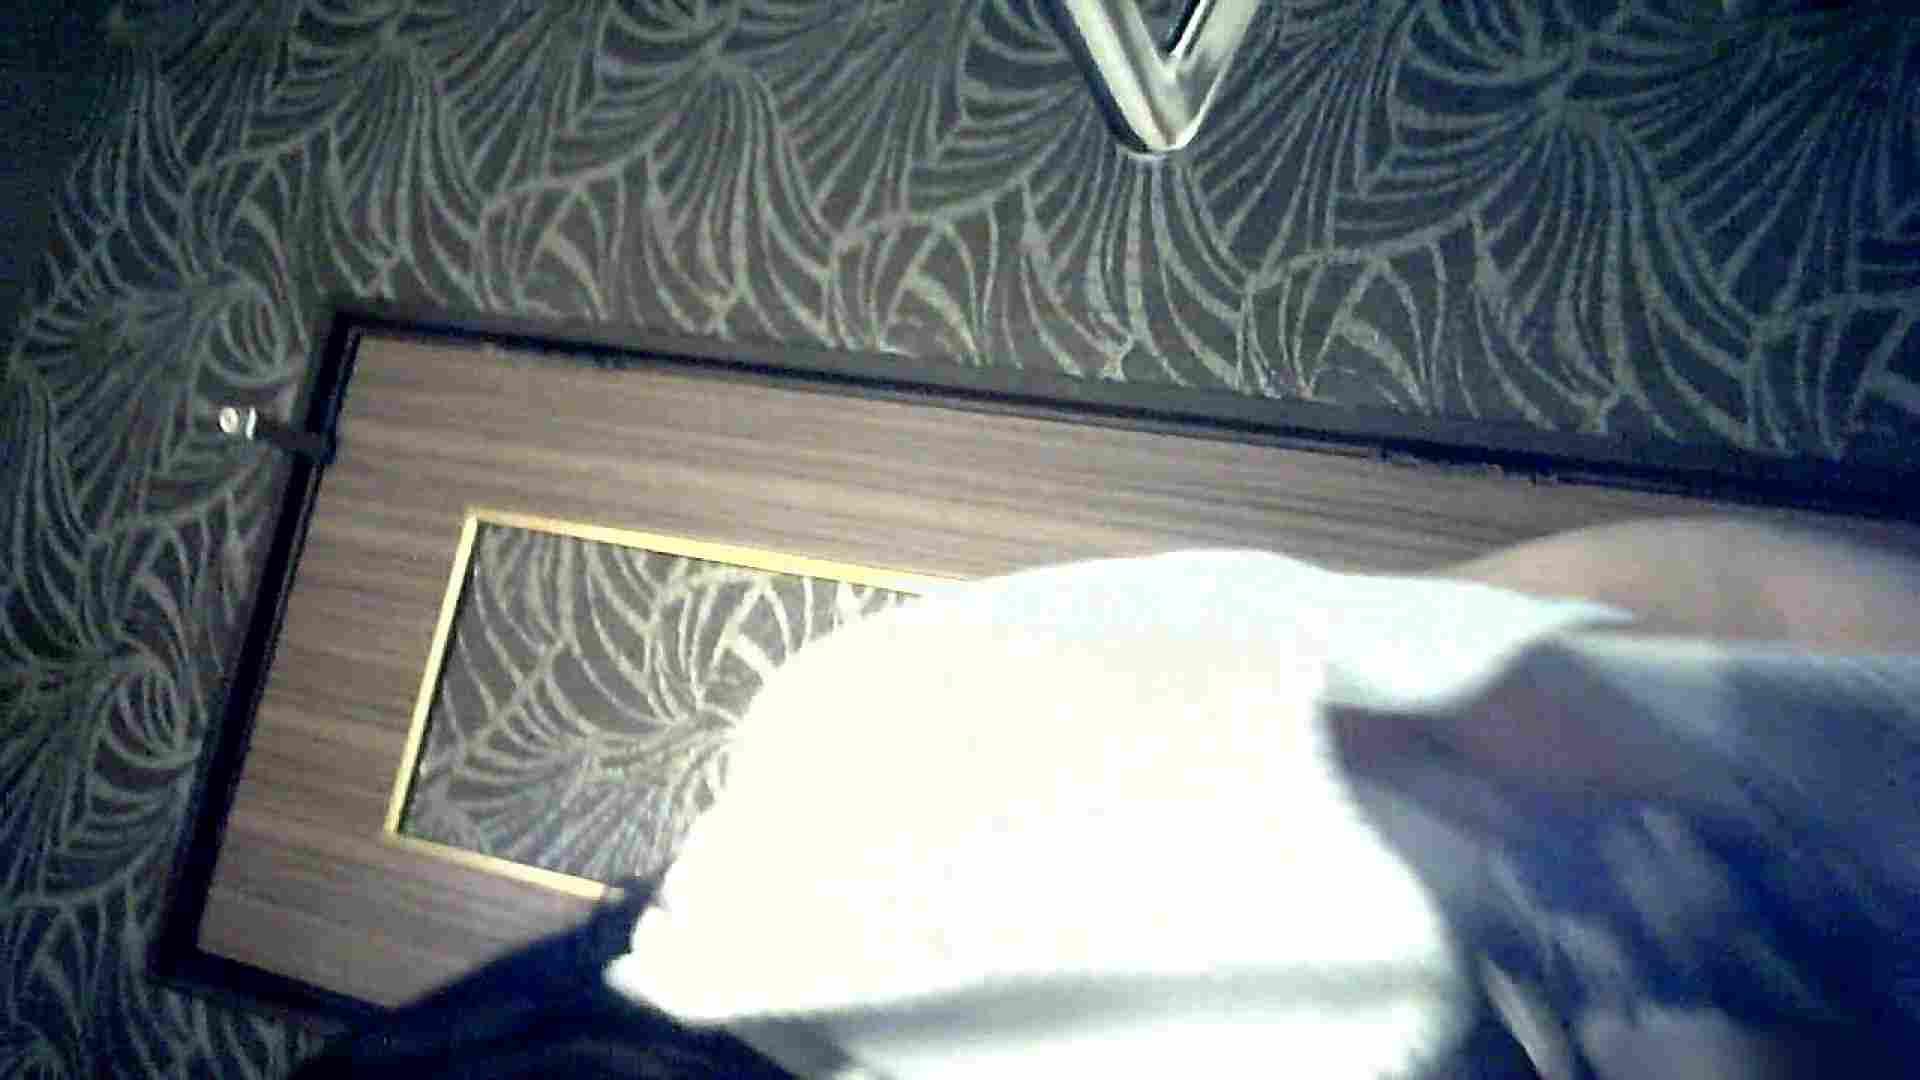 ▲2017_05位▲ 学園アイドル美人女子大生!❶4人厳選詰合せVol.49 美乳 SEX無修正画像 104画像 59